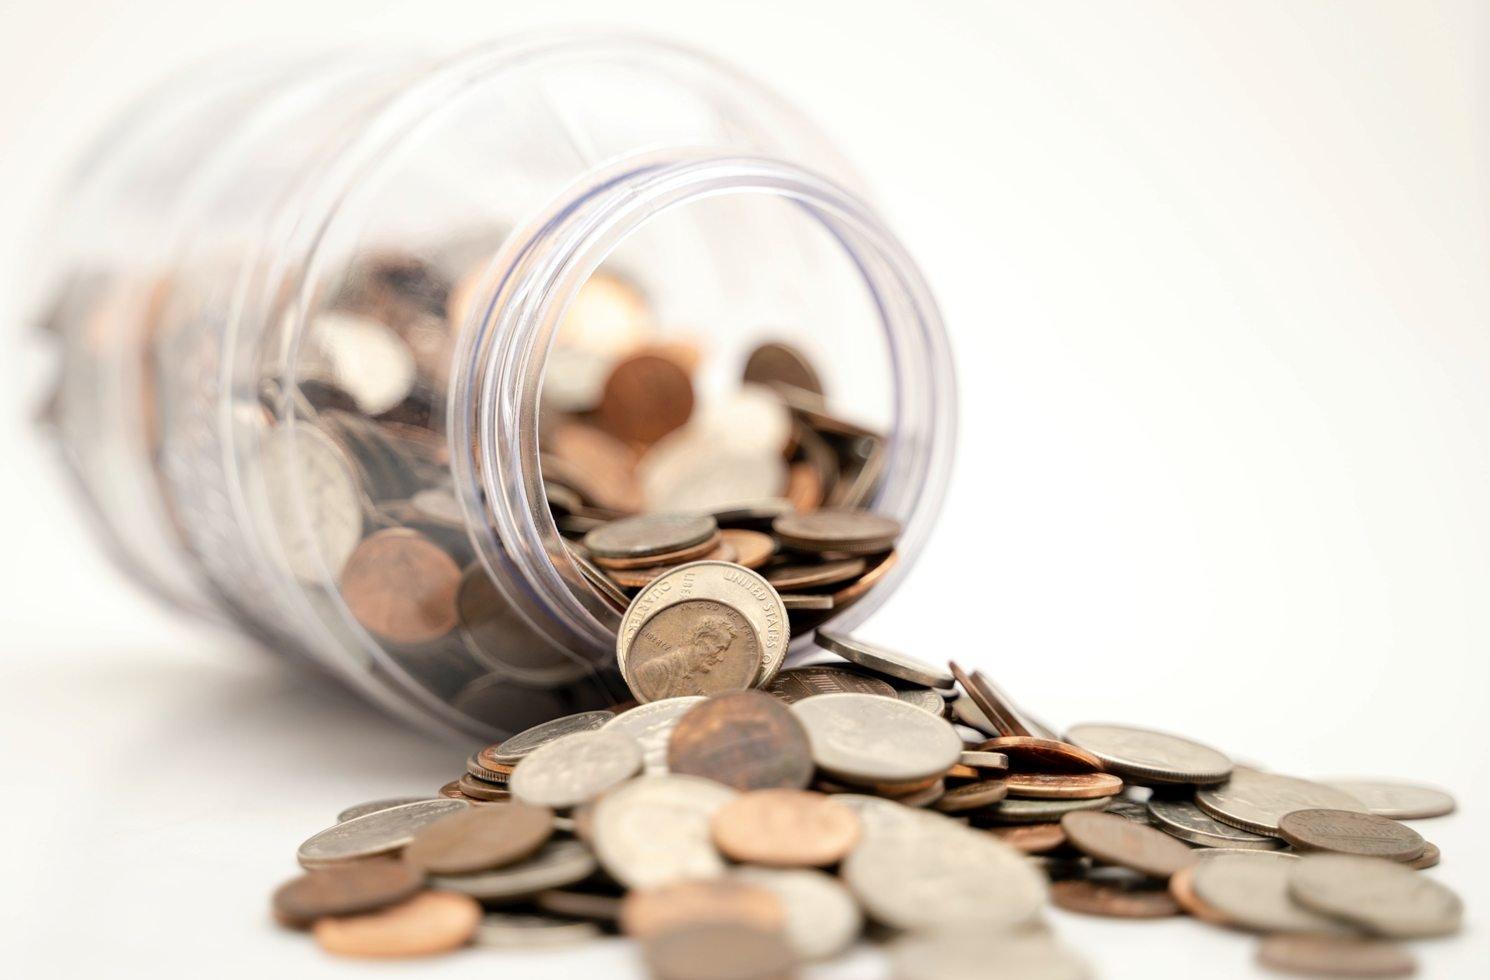 Münzgeld aus dem Glas